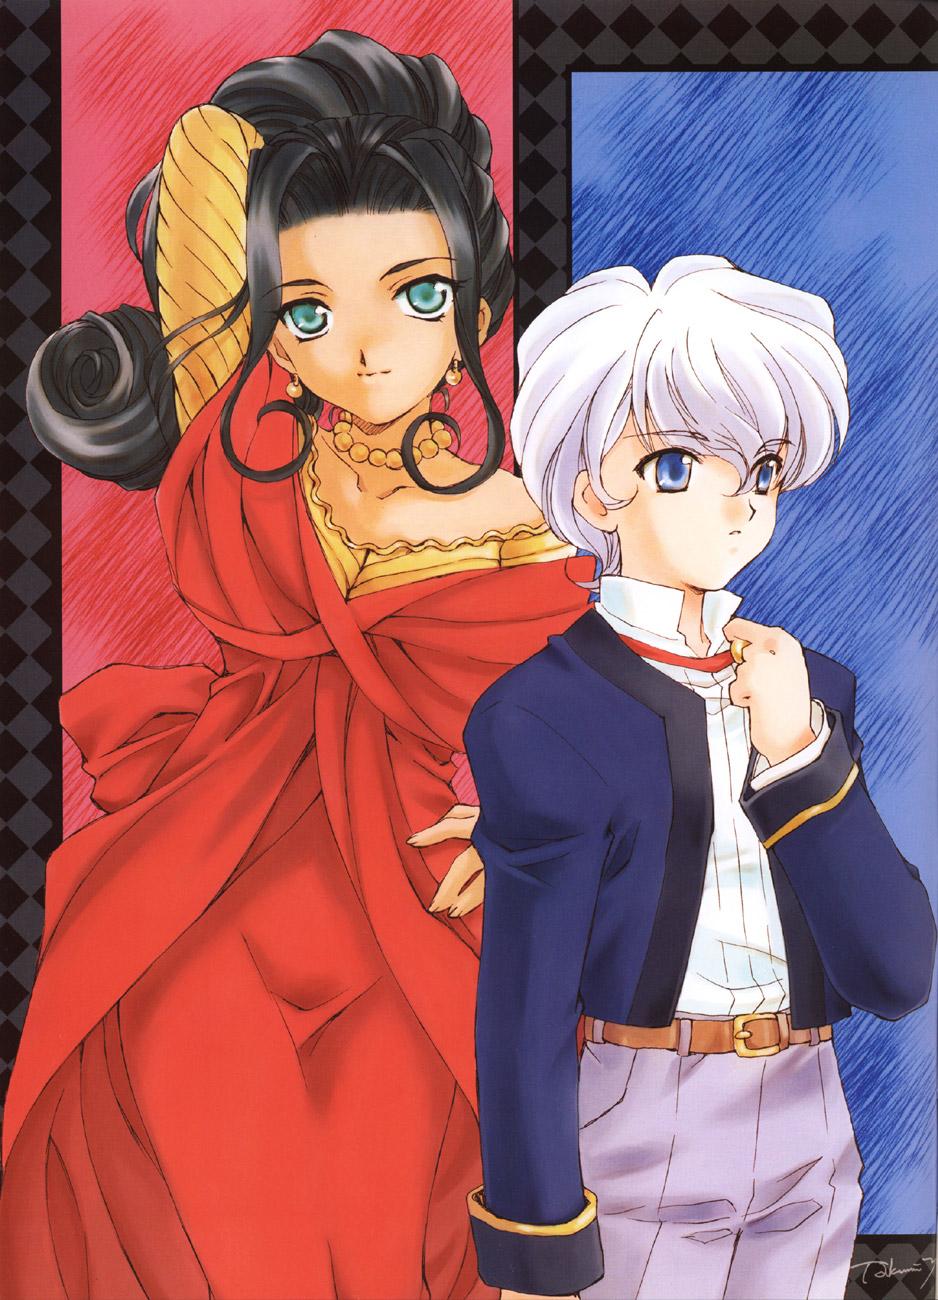 Sakura Wars illustrations: the Origin + Tribute image by Yano Takumi